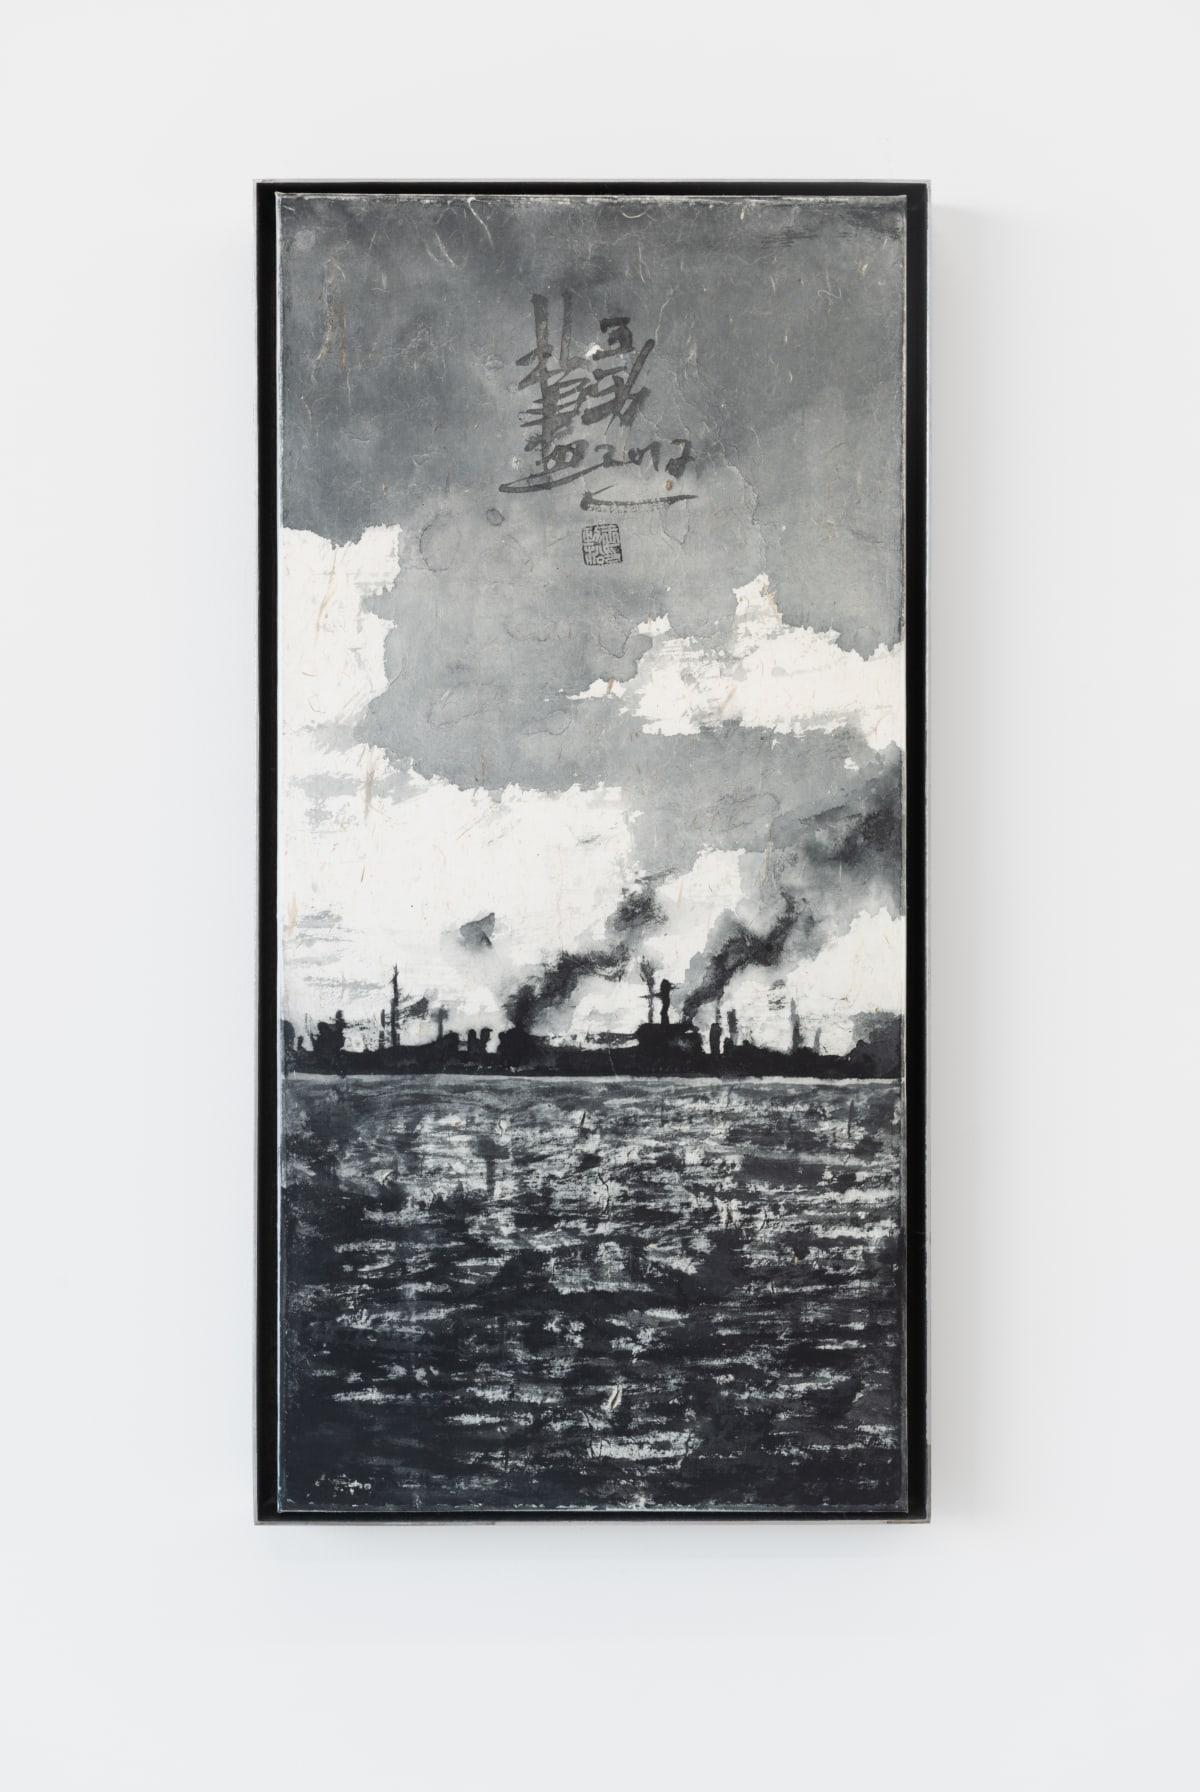 Wang Jinsong, The smoke, 2018